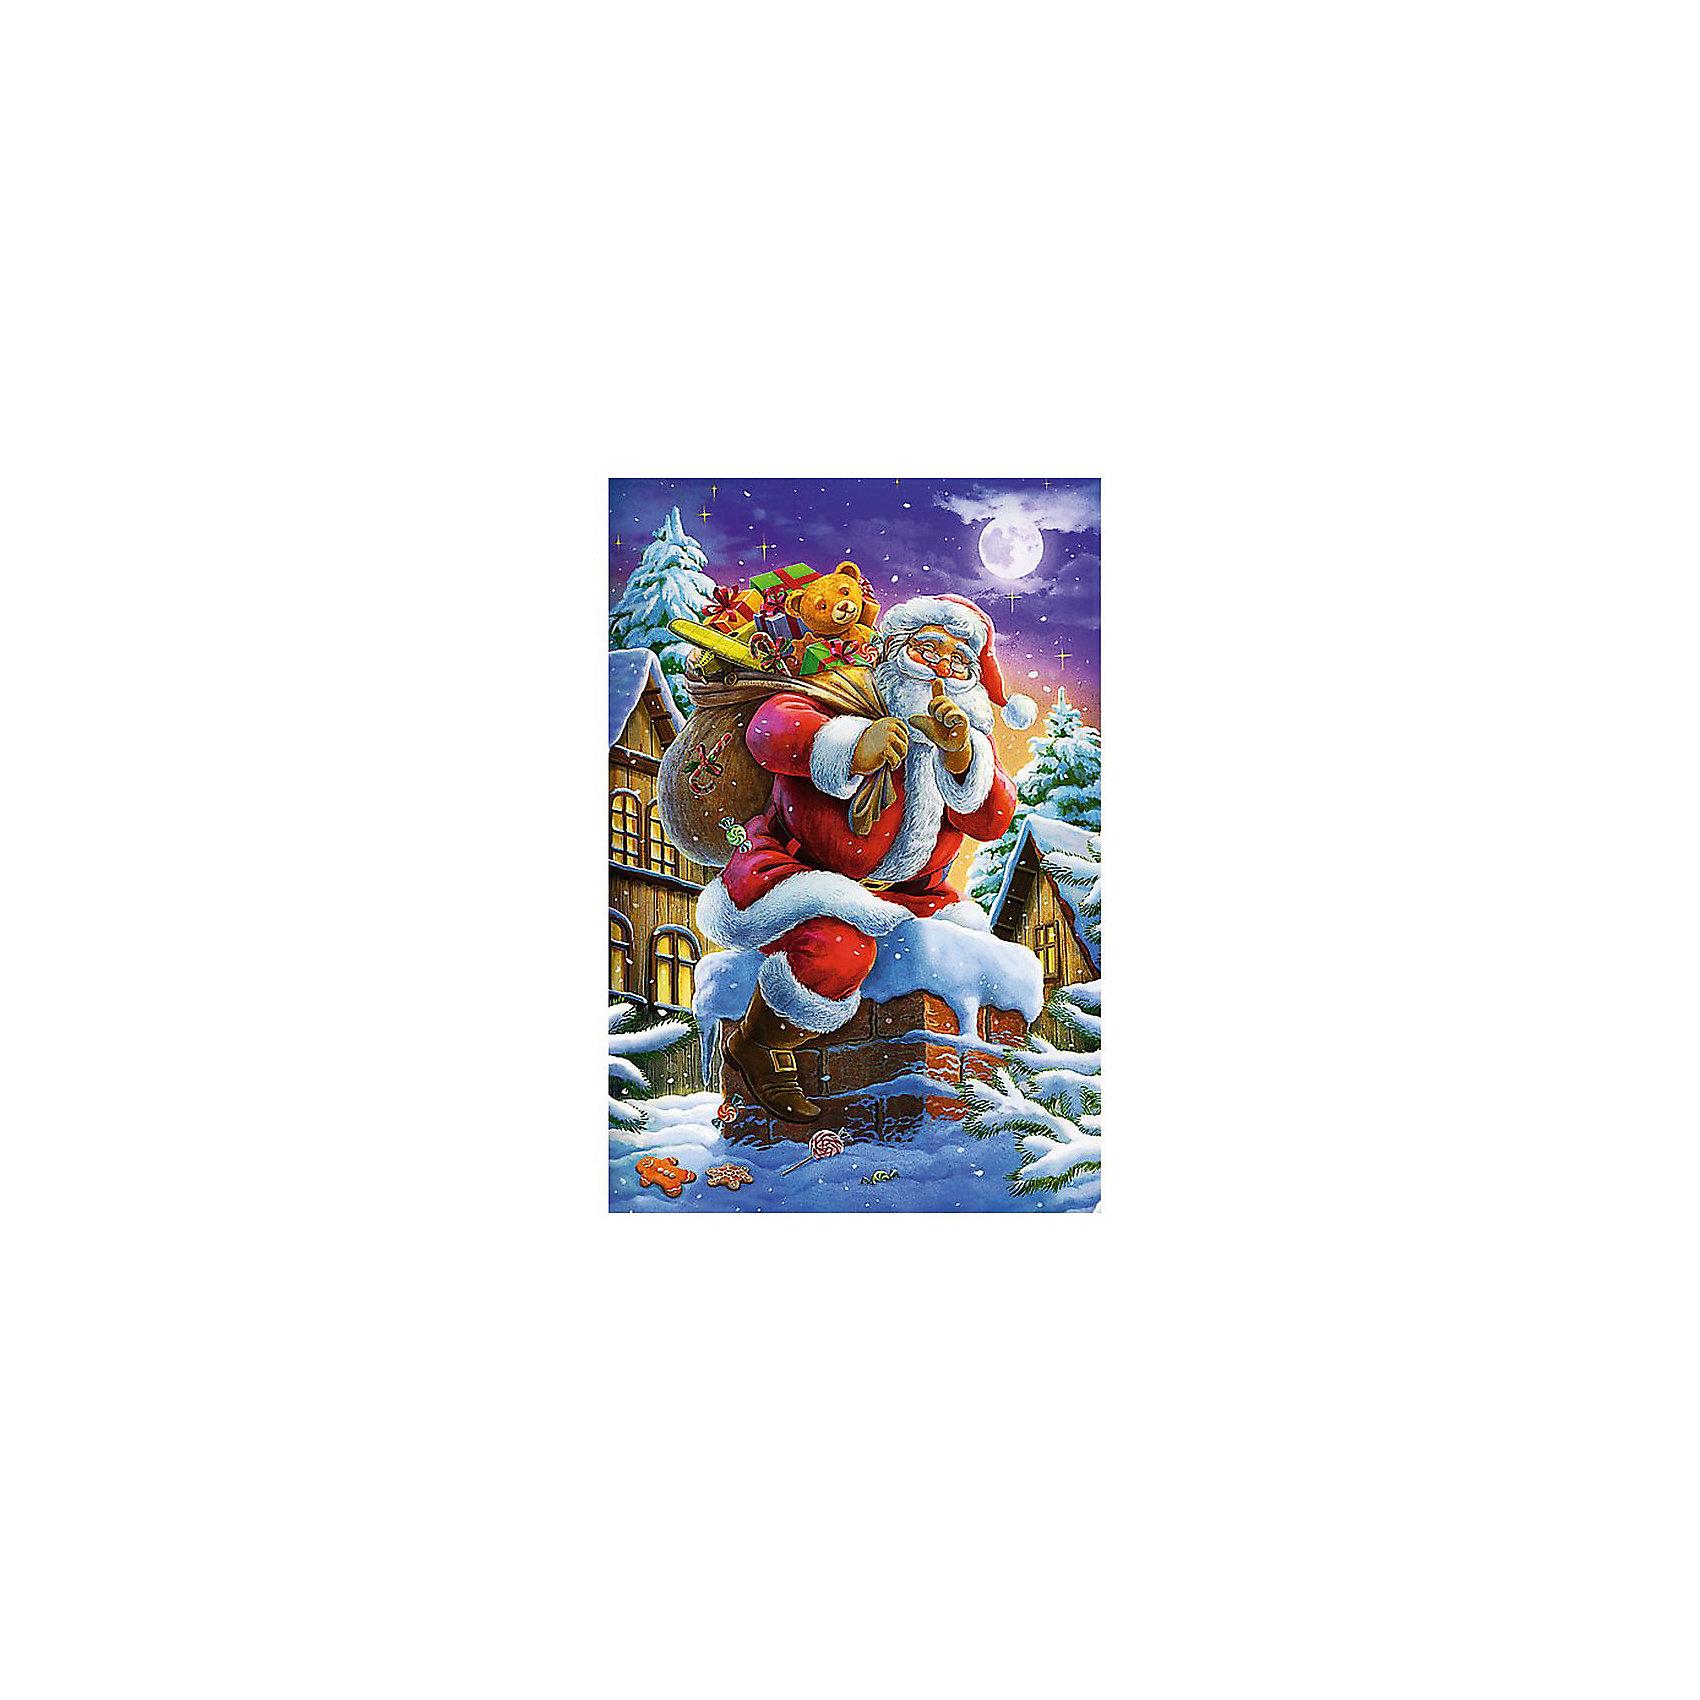 Пазлы  Санта Клаус, 160 элементовПазлы для детей постарше<br>Пусть главным символом Нового года для нашей страны является Дед Мороз. Но далеко не каждый современный ребенок откажется от большого изображения Санта Клауса на своей стене. Особенно если эту картину малыш соберет сам. <br>Пазл подарит ему такую возможность. Картинка состоит из 160 элементов. Они легко соединяются между собой. Изготовлены детали из картона. Материал очень прочен и устойчив к большинству внешних воздействий. Поэтому собранный пазл будет долго радовать глаз вас и вашего ребенка.<br>Пазл может быть рекомендовать для детей в возрасте от 6 лет и старше.<br><br>Ширина мм: 190<br>Глубина мм: 40<br>Высота мм: 280<br>Вес г: 320<br>Возраст от месяцев: 72<br>Возраст до месяцев: 144<br>Пол: Унисекс<br>Возраст: Детский<br>SKU: 7126368